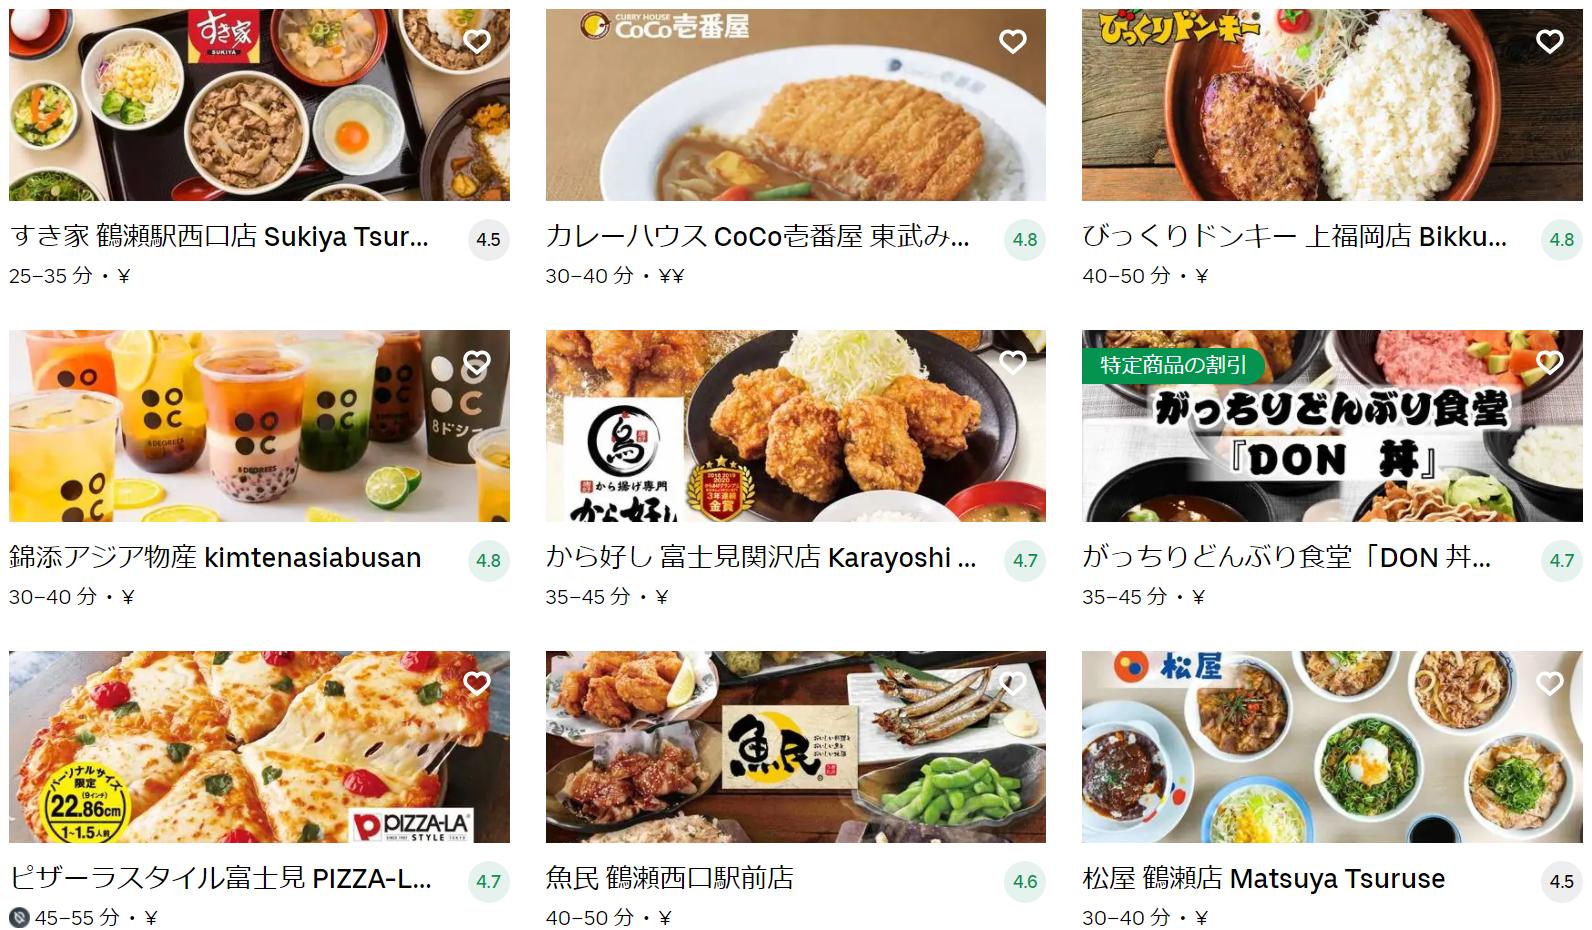 三芳町エリアのおすすめUber Eats(ウーバーイーツ)メニュー